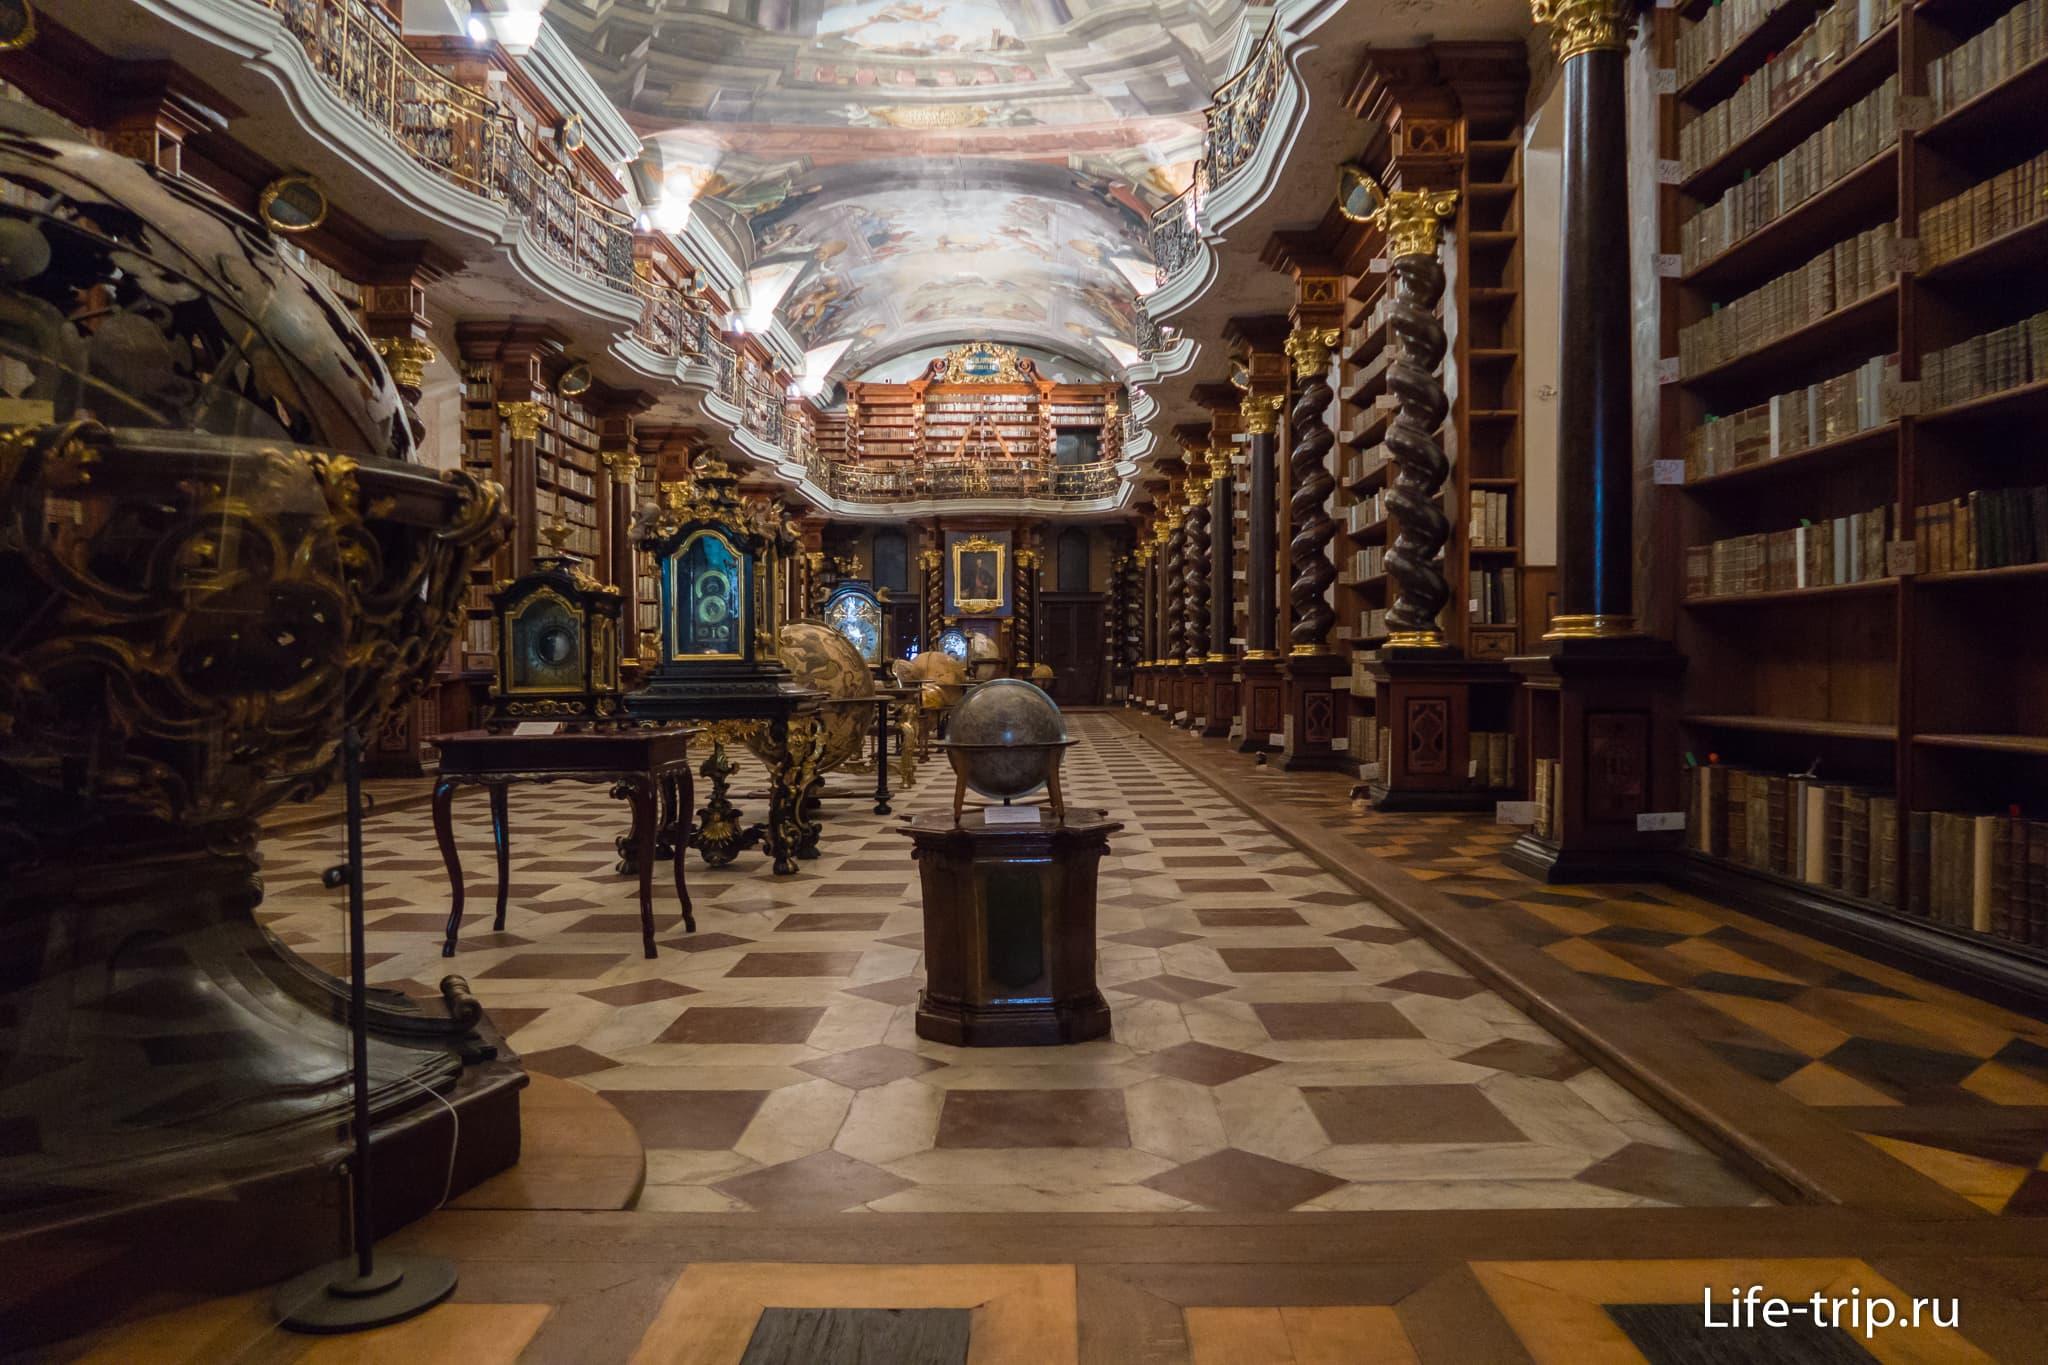 Пражская библиотека, Клементиум